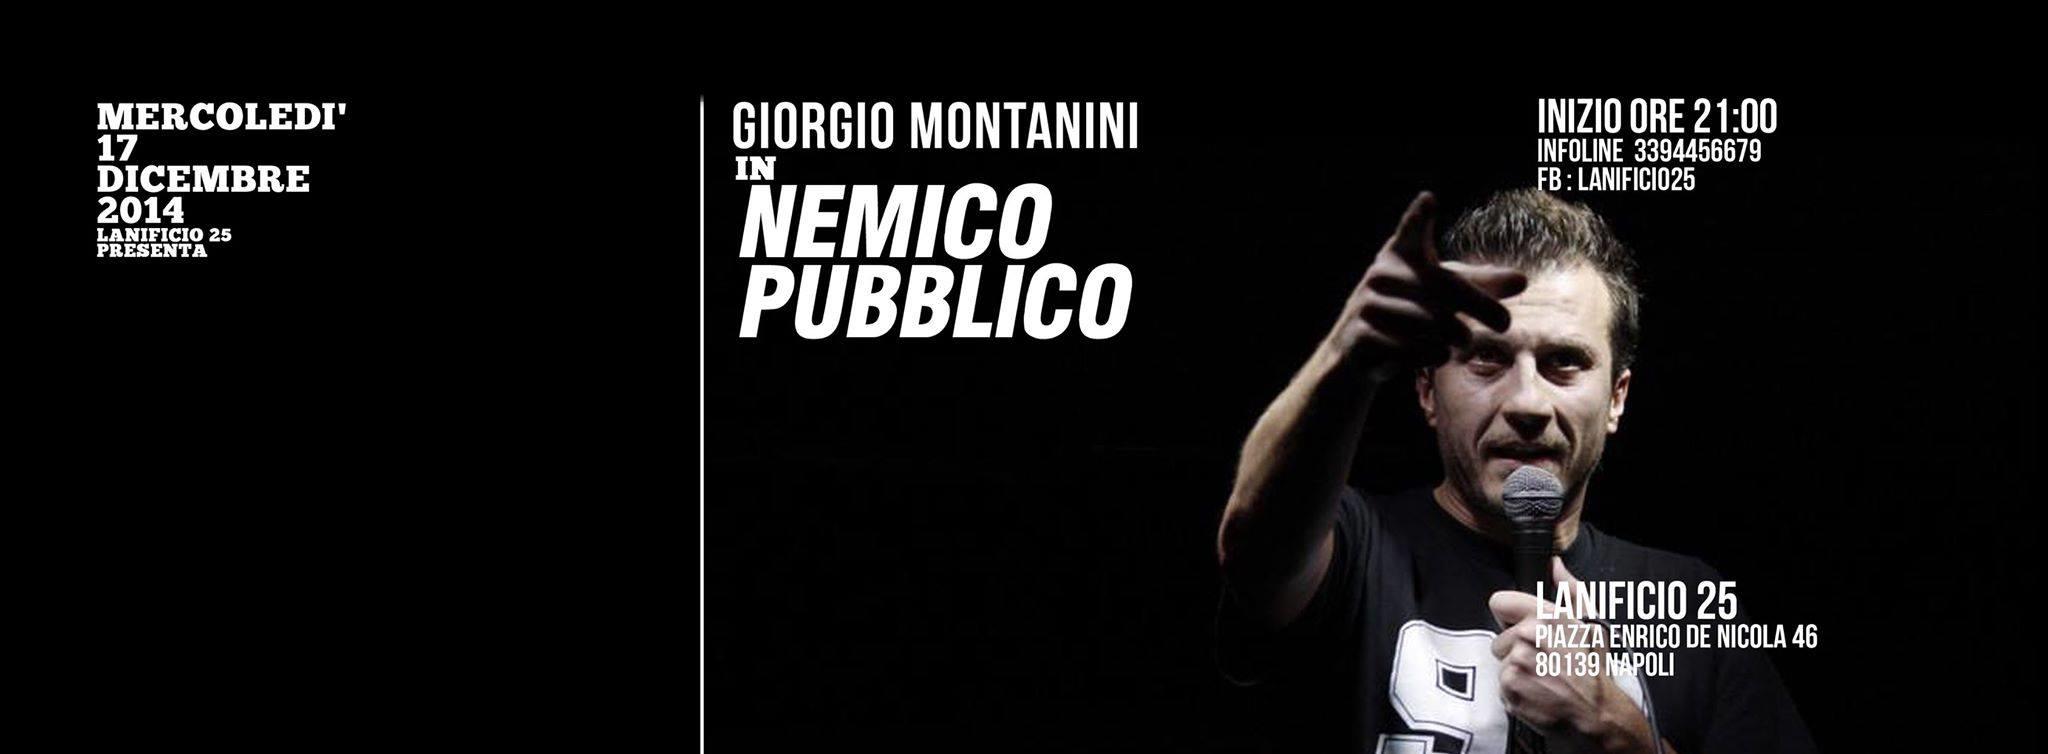 Il comico Giorgio Montanini per la prima volta a Napoli, di scena al Lanificio25 mercoledì 17 dicembre.